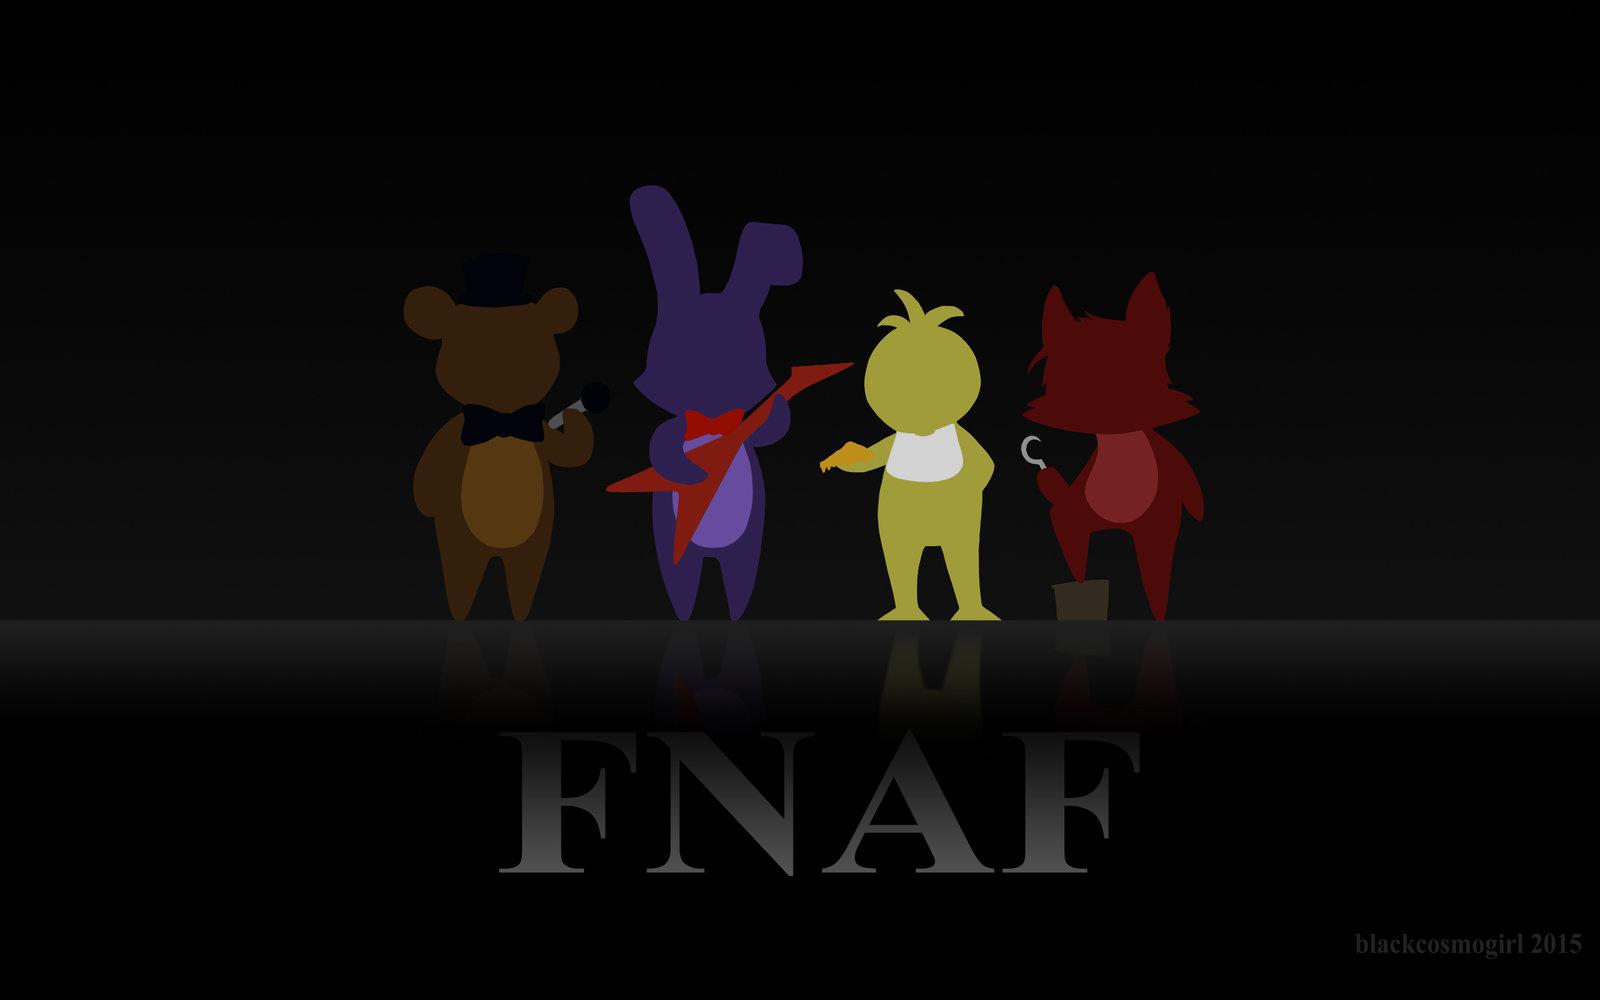 Fnaf Desktop Background Best Apps for Android 1600x1000